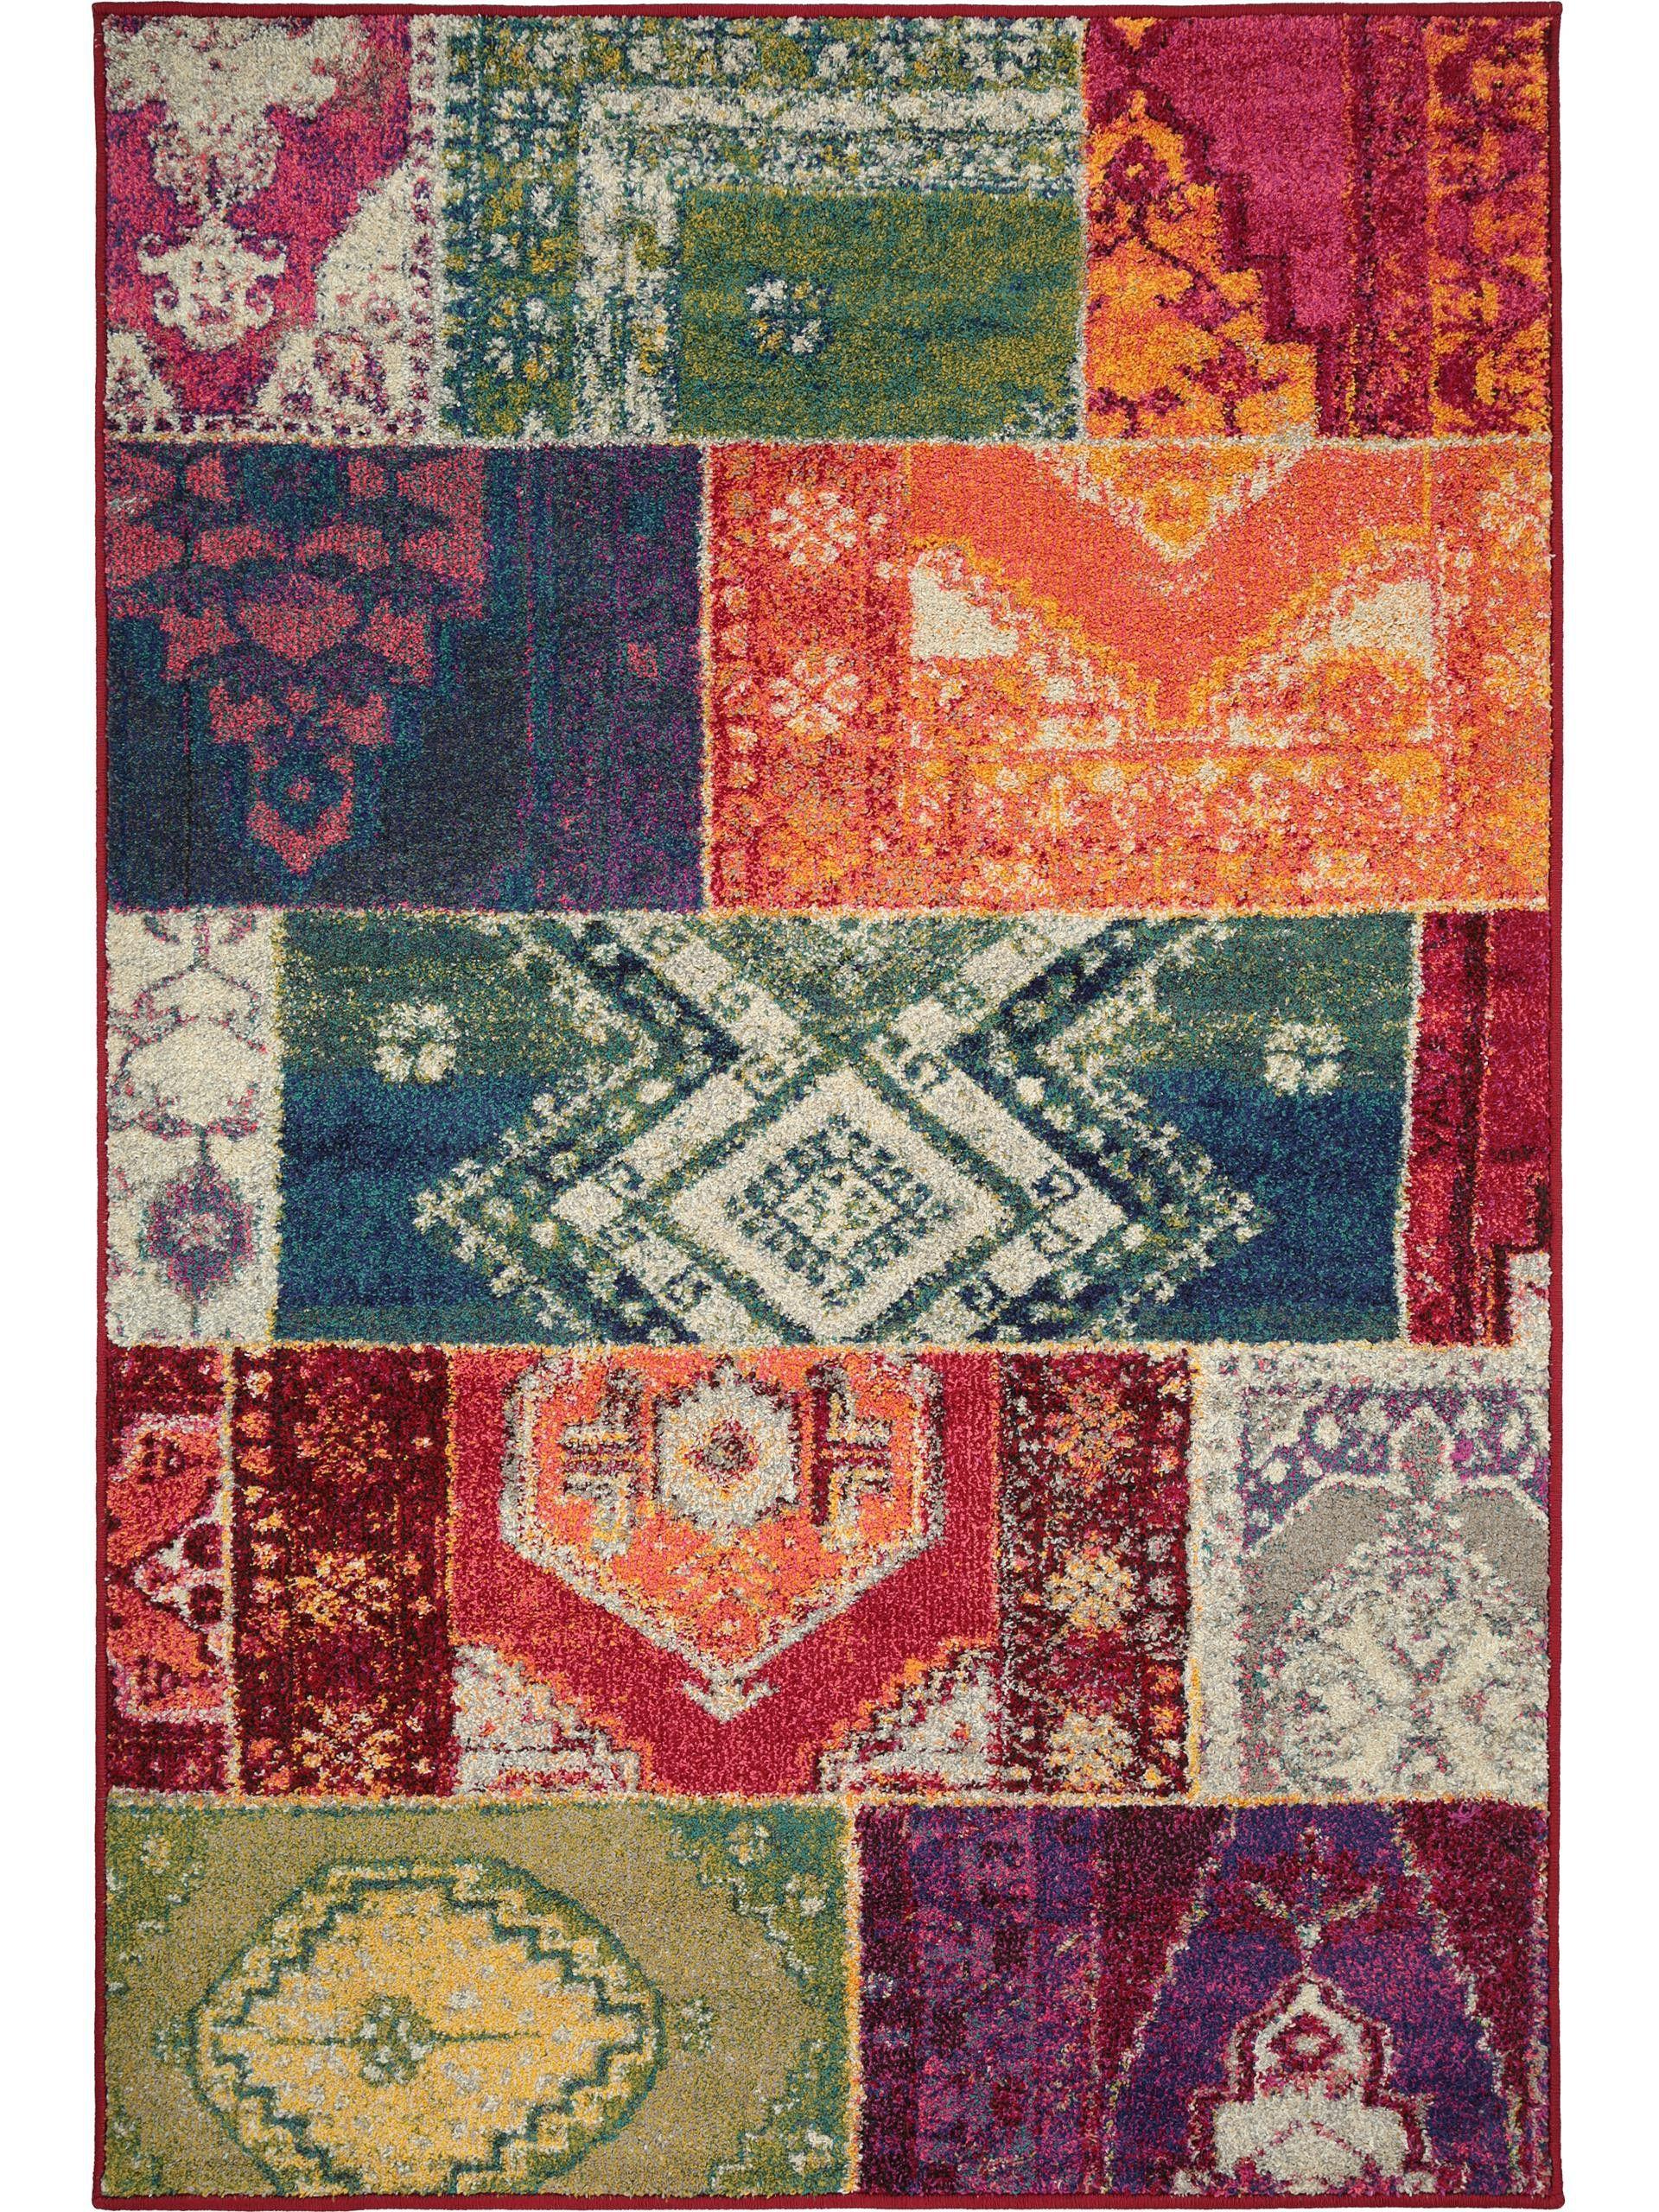 Benuta De teppich kazak patchwork benuta teppich interior rug boho